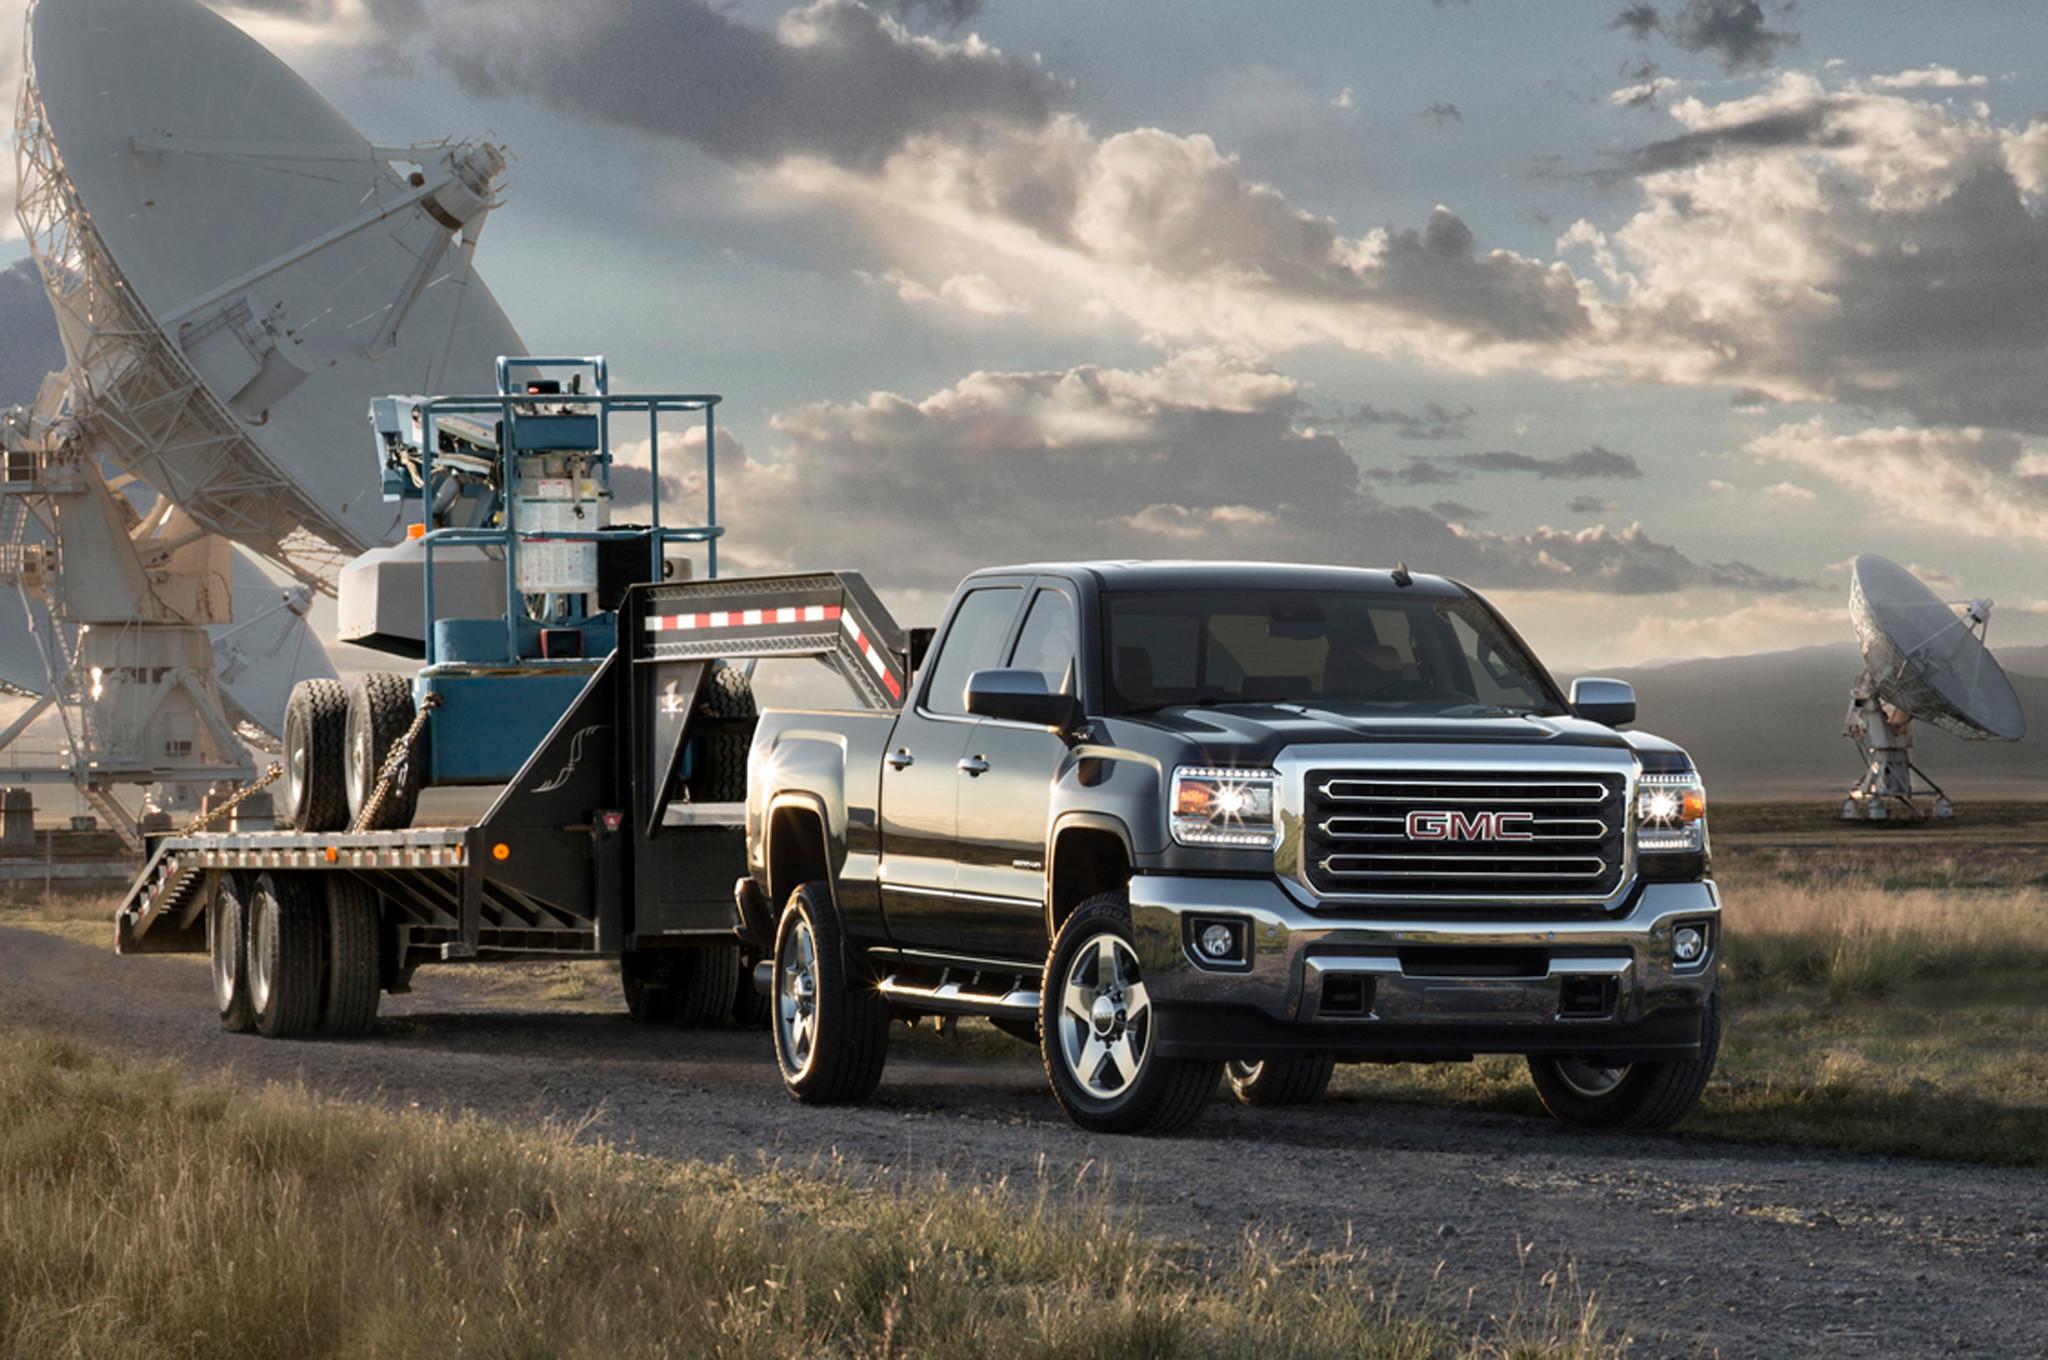 455 best Truck love images on Pinterest   Lifted trucks, Pickup trucks and  Diesel trucks